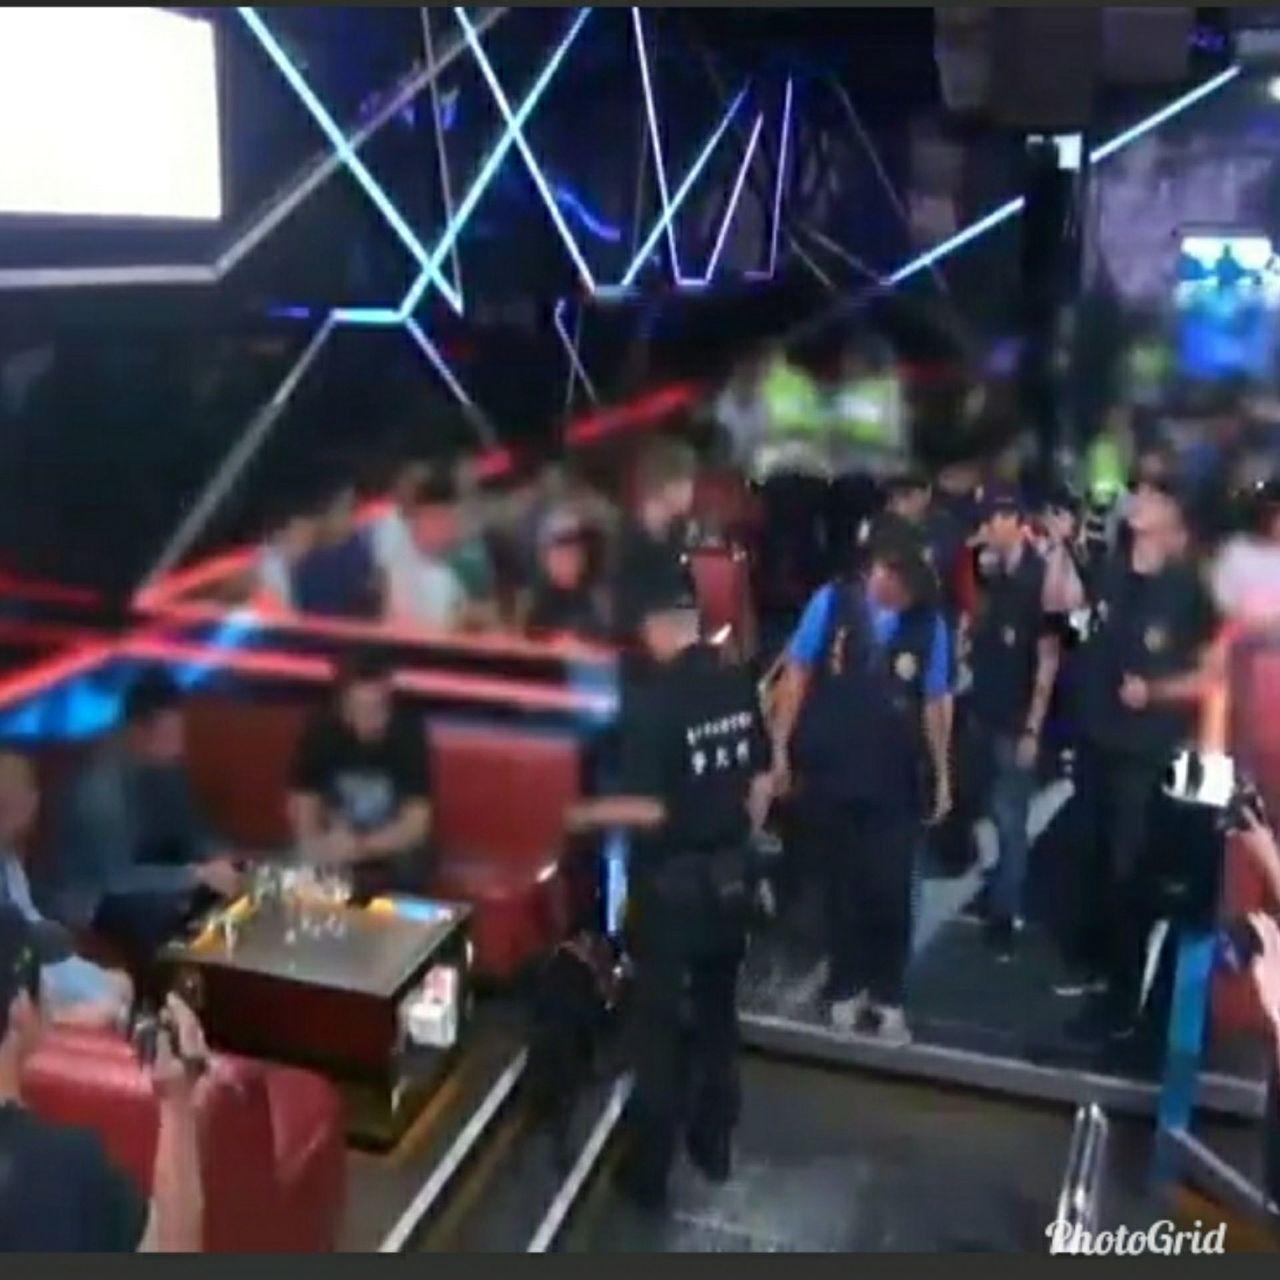 台中市警局今臨檢KTV、夜店,查緝毒品等不法。記者陳宏睿/翻攝